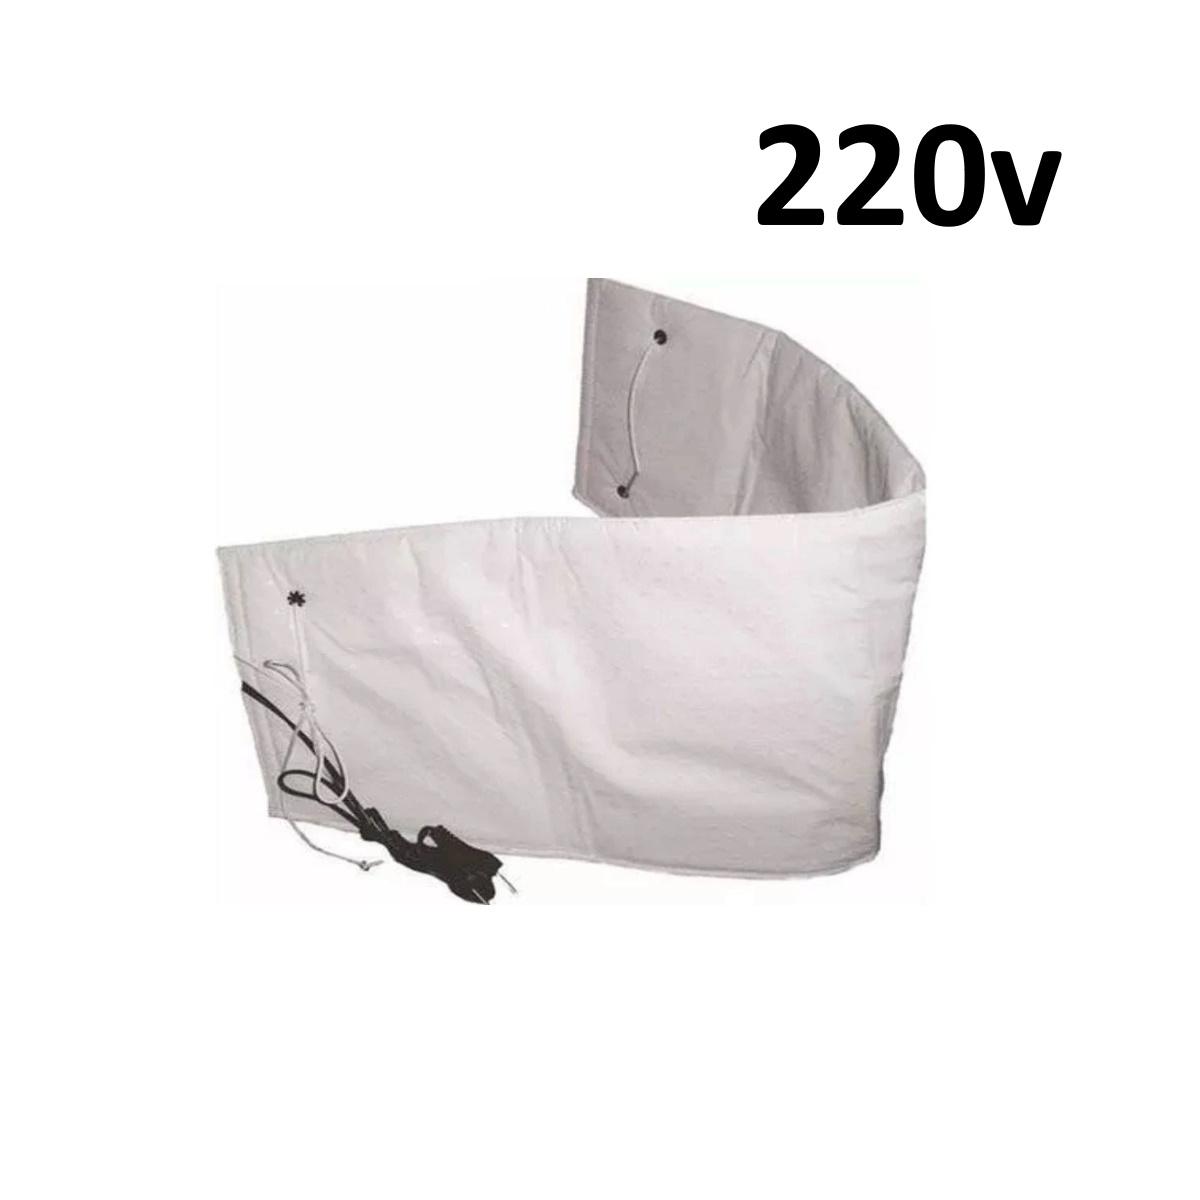 Cinta Térmica Abdominal Elétrica para Redução de Medidas - 220v Branca